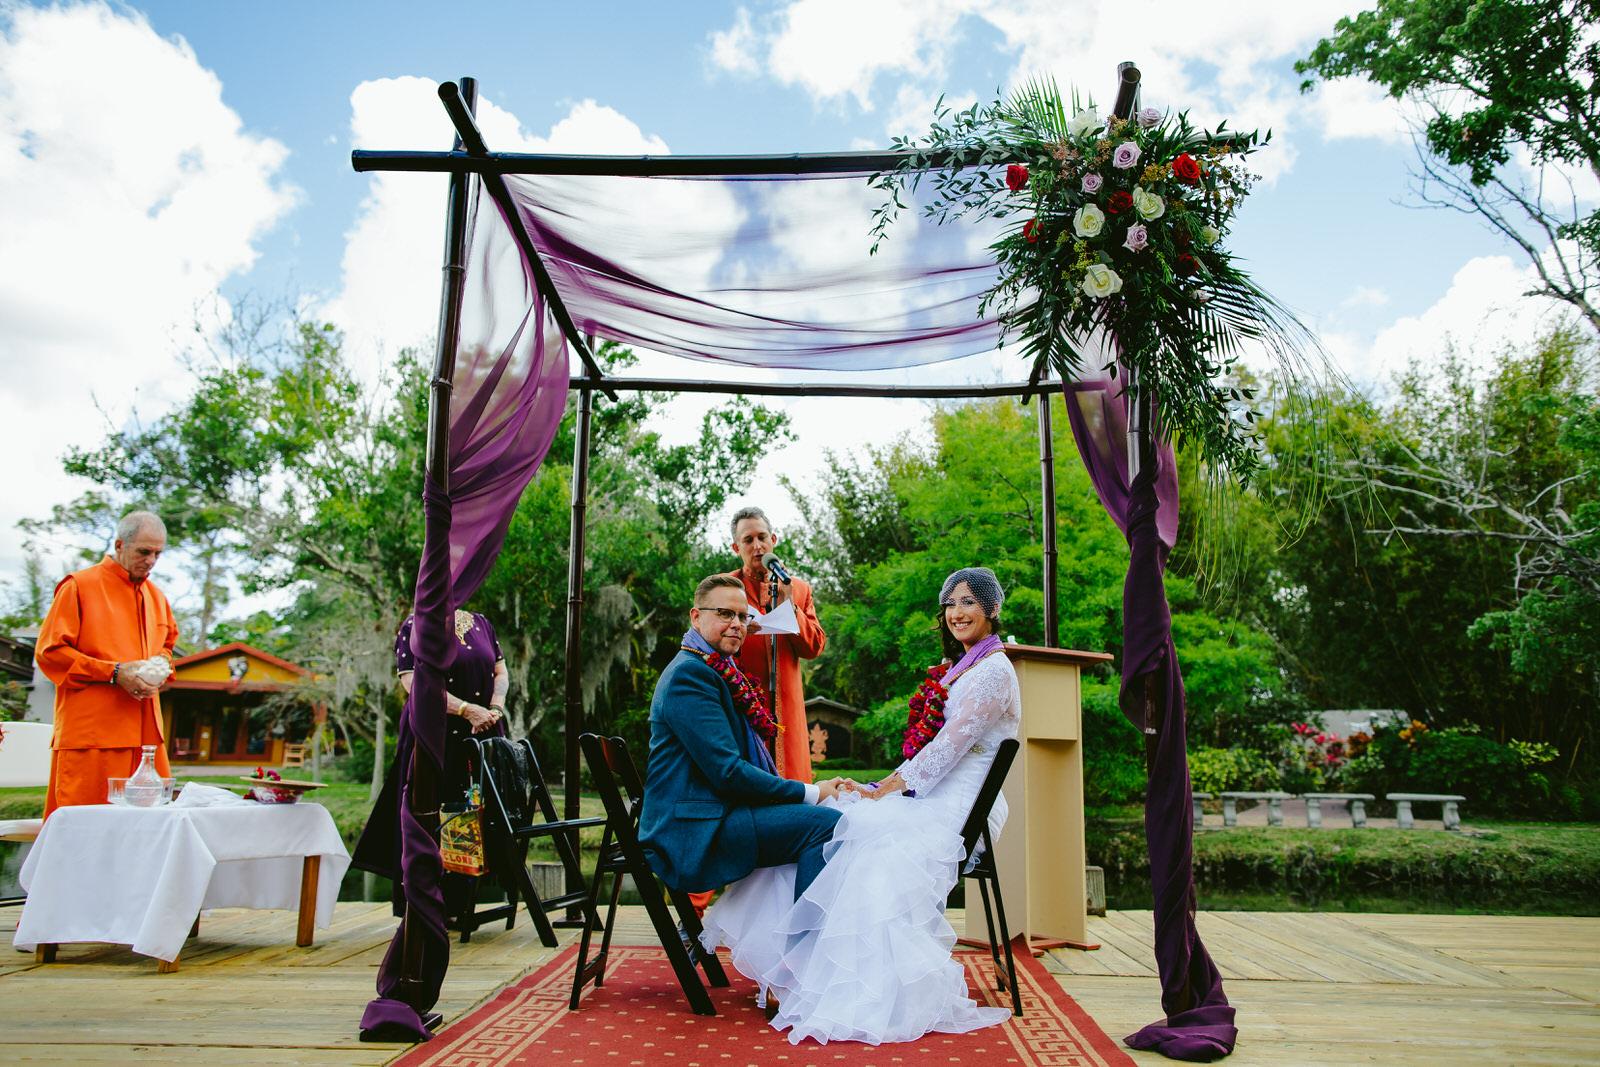 kashi-ashram-wedding-ceremony-ecstatic-couple.jpg